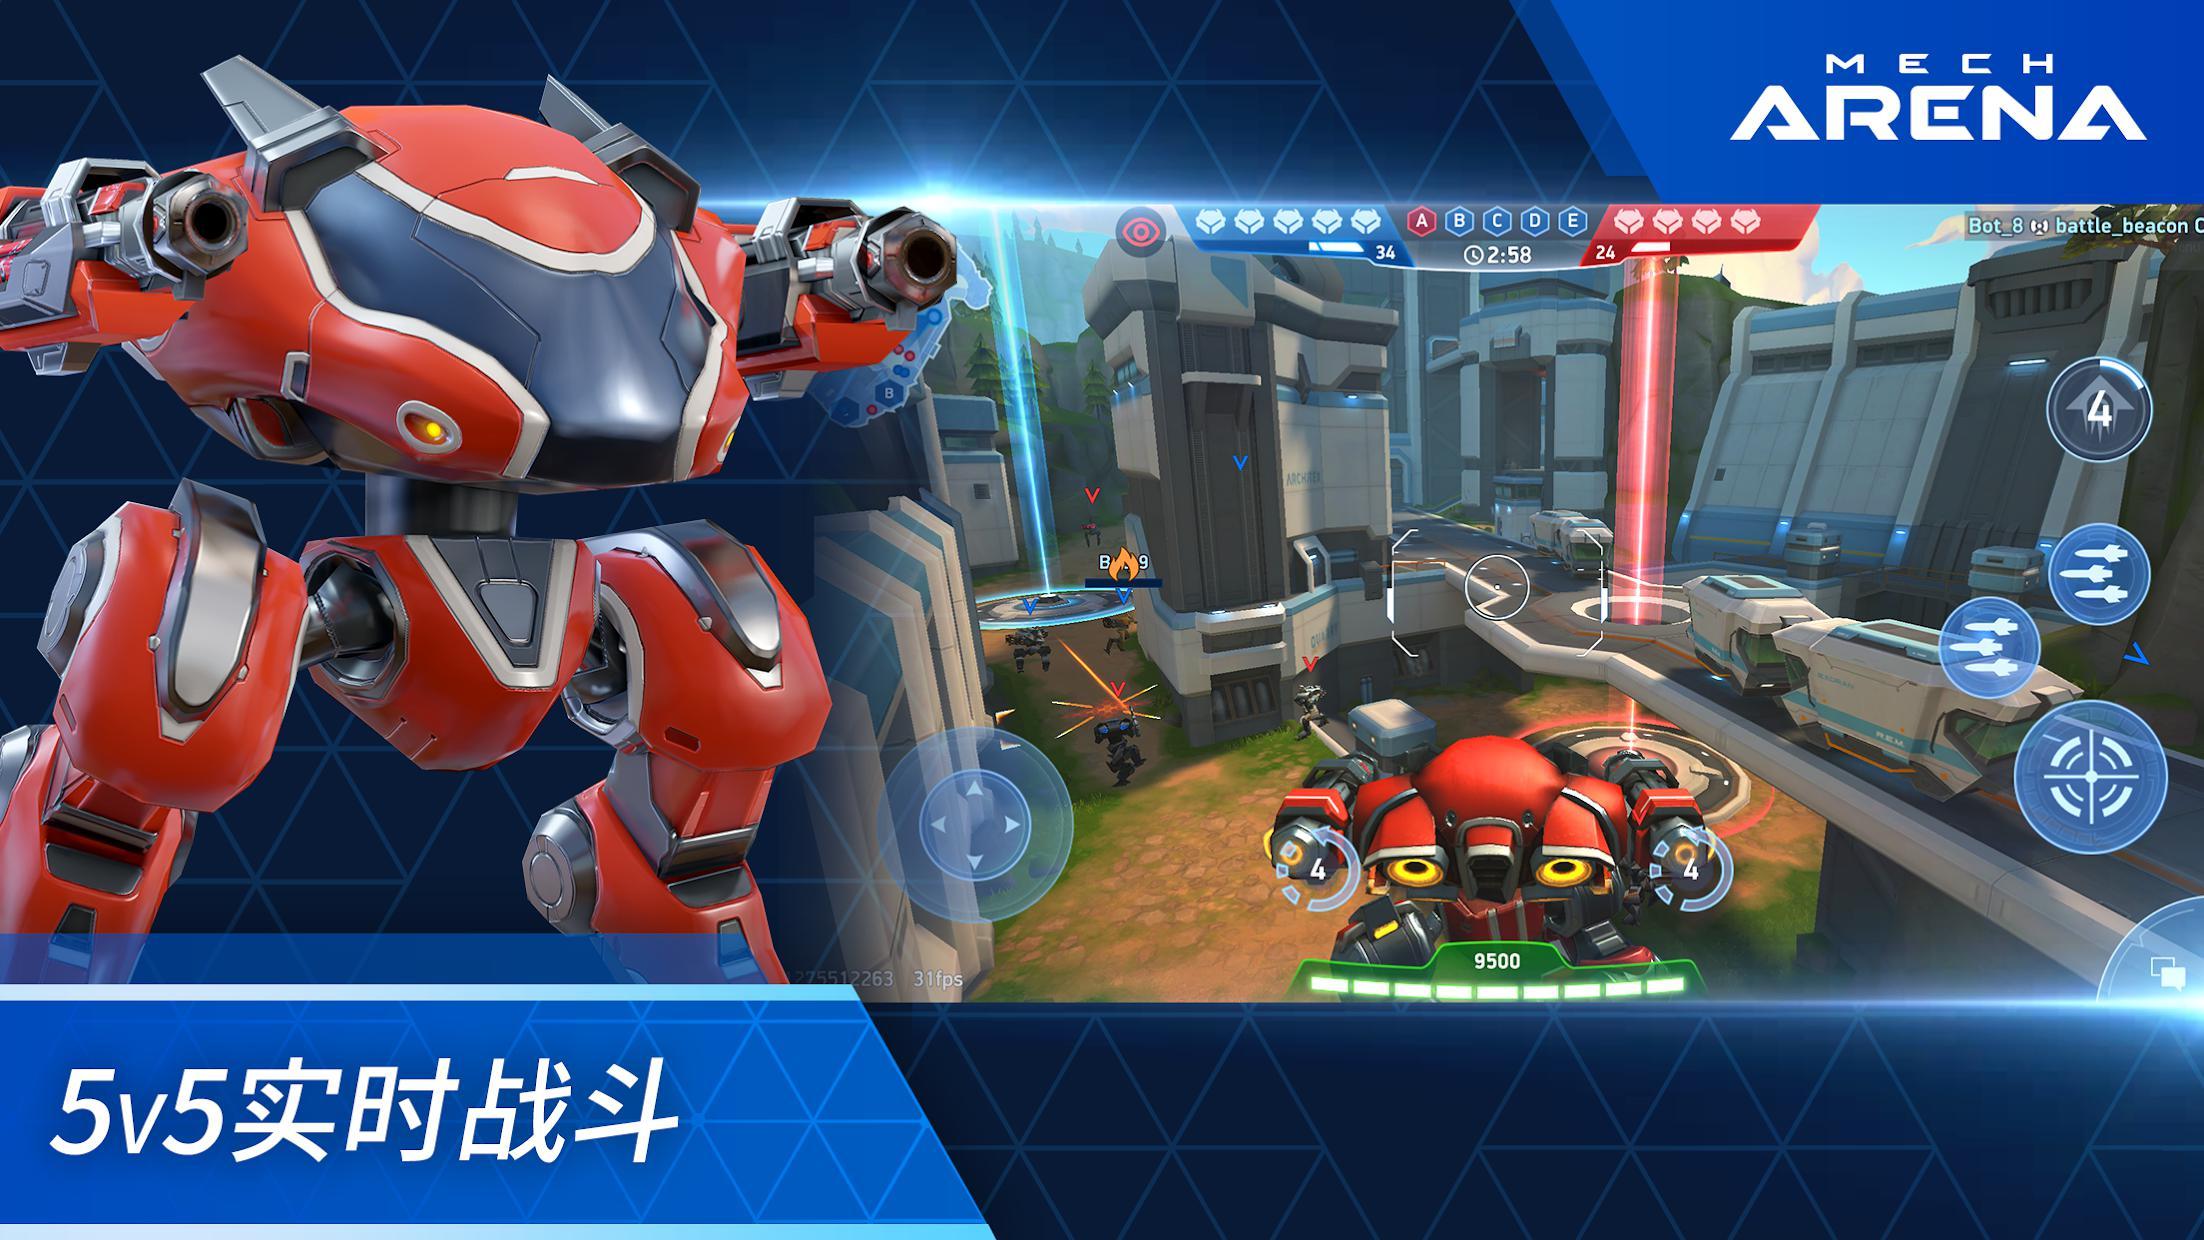 机甲竞技场:机械对决 游戏截图2